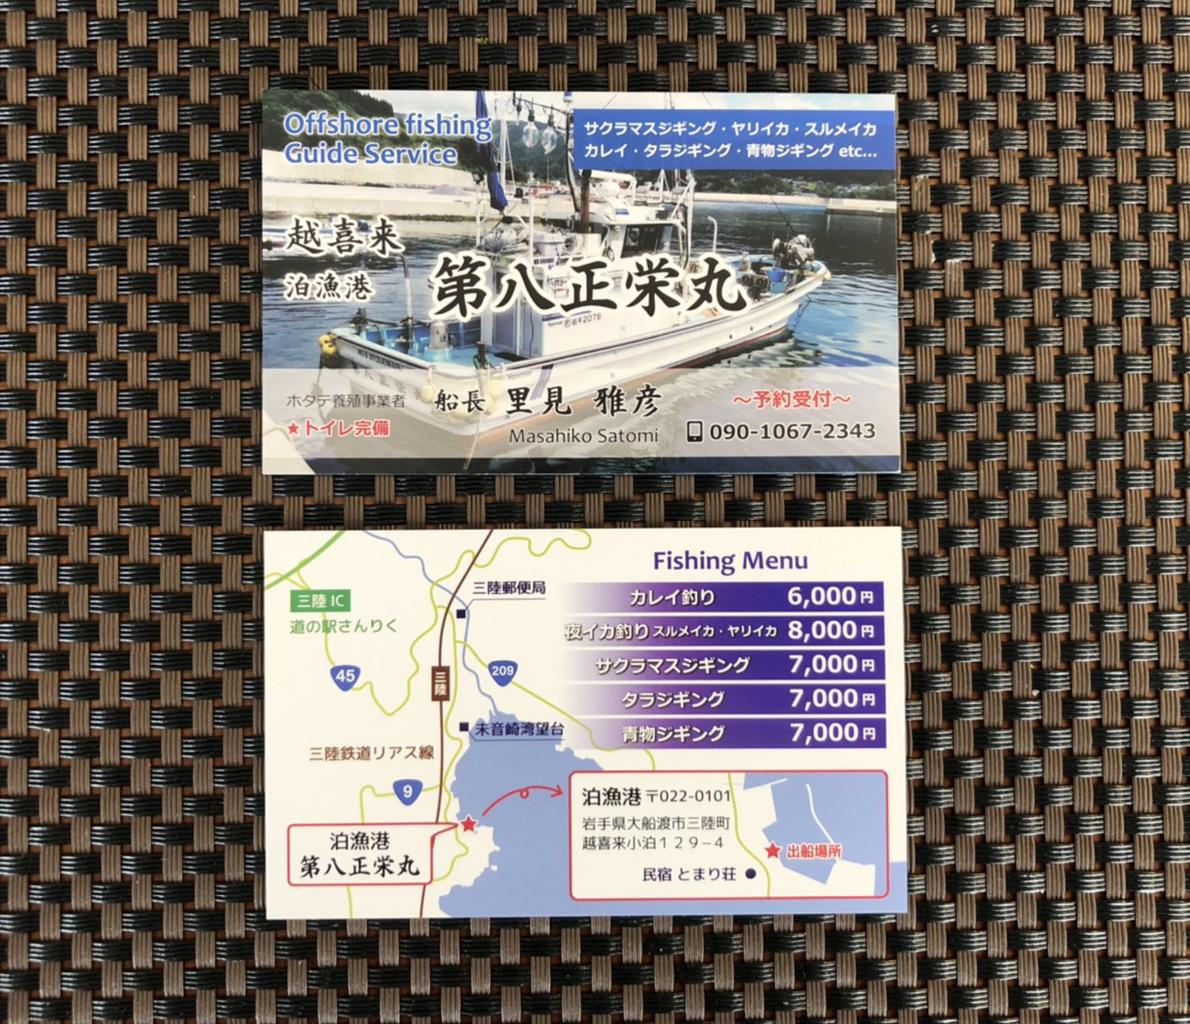 遊漁船 岩手 大船渡市 越喜来 泊漁港 第八正栄丸 様 名刺デザイン